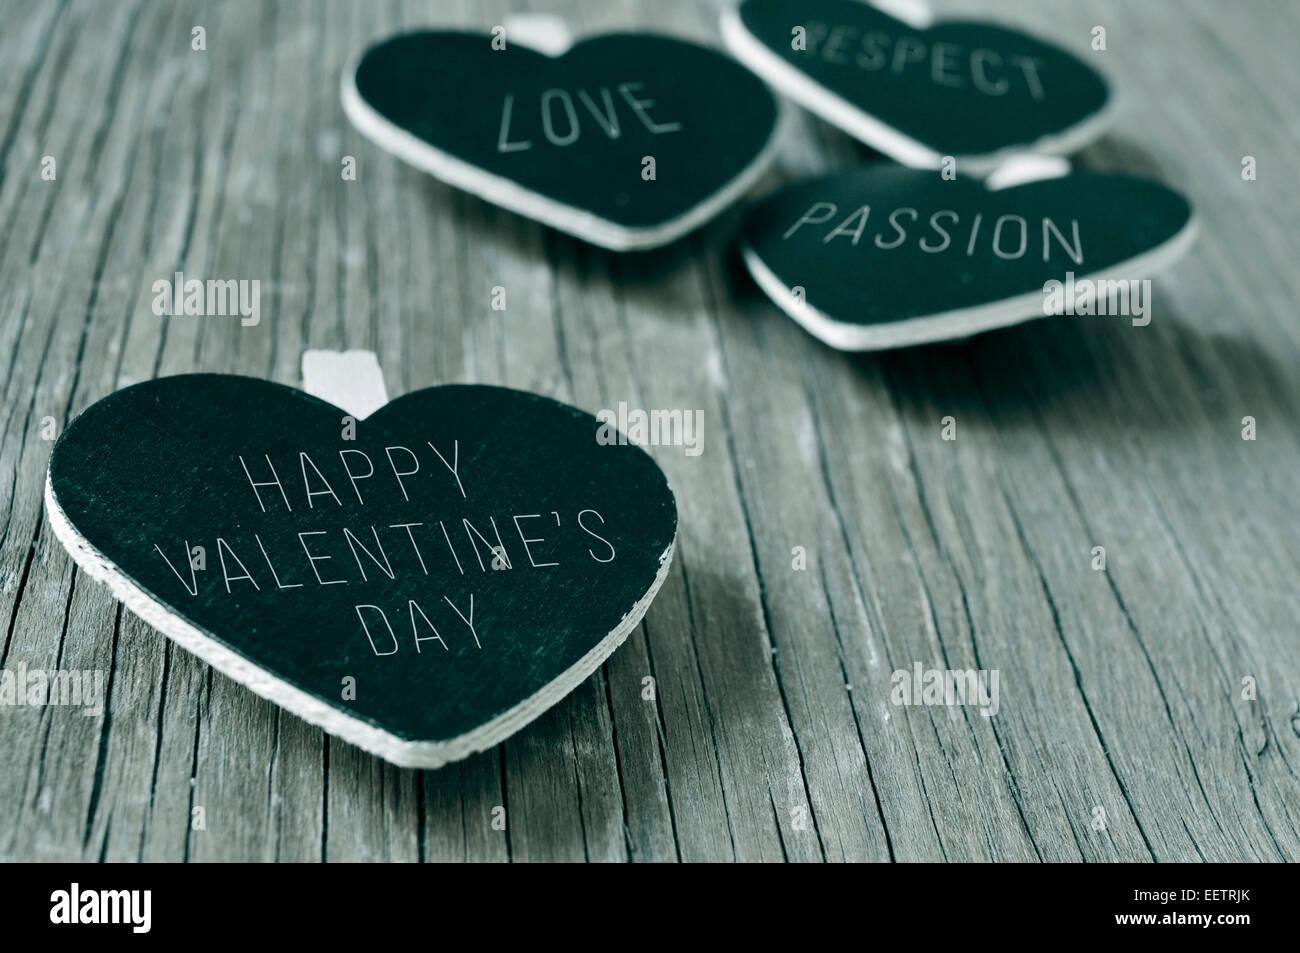 Happy Valentines Day Words Stock Photos Happy Valentines Day Words